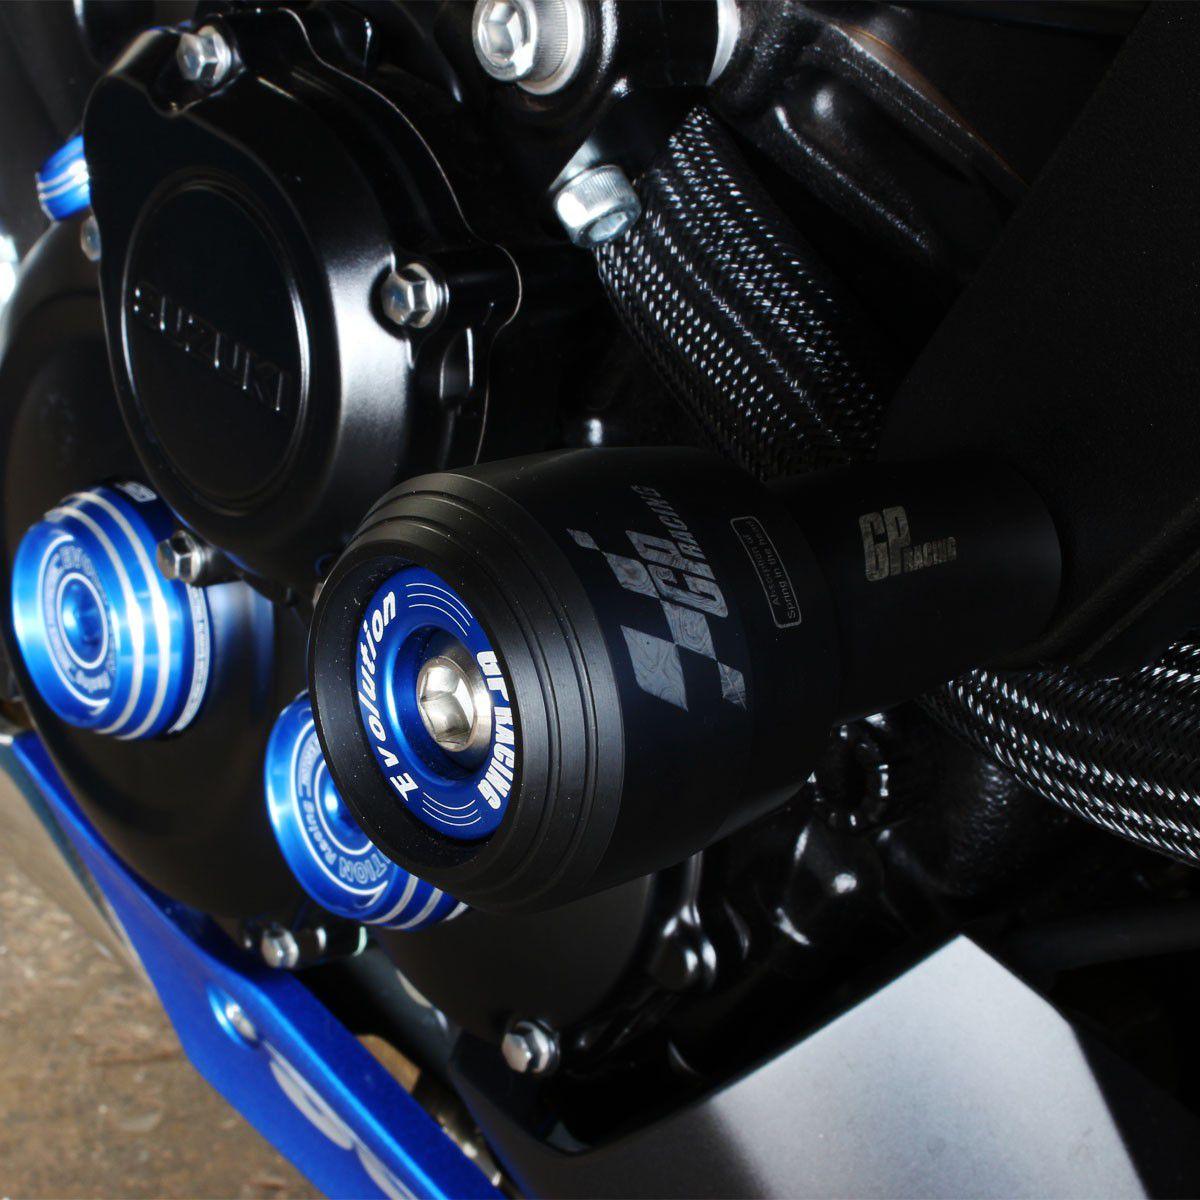 Slider Evolution GP Nylon Suzuki GSXR 1000 Srad 1000 07 10